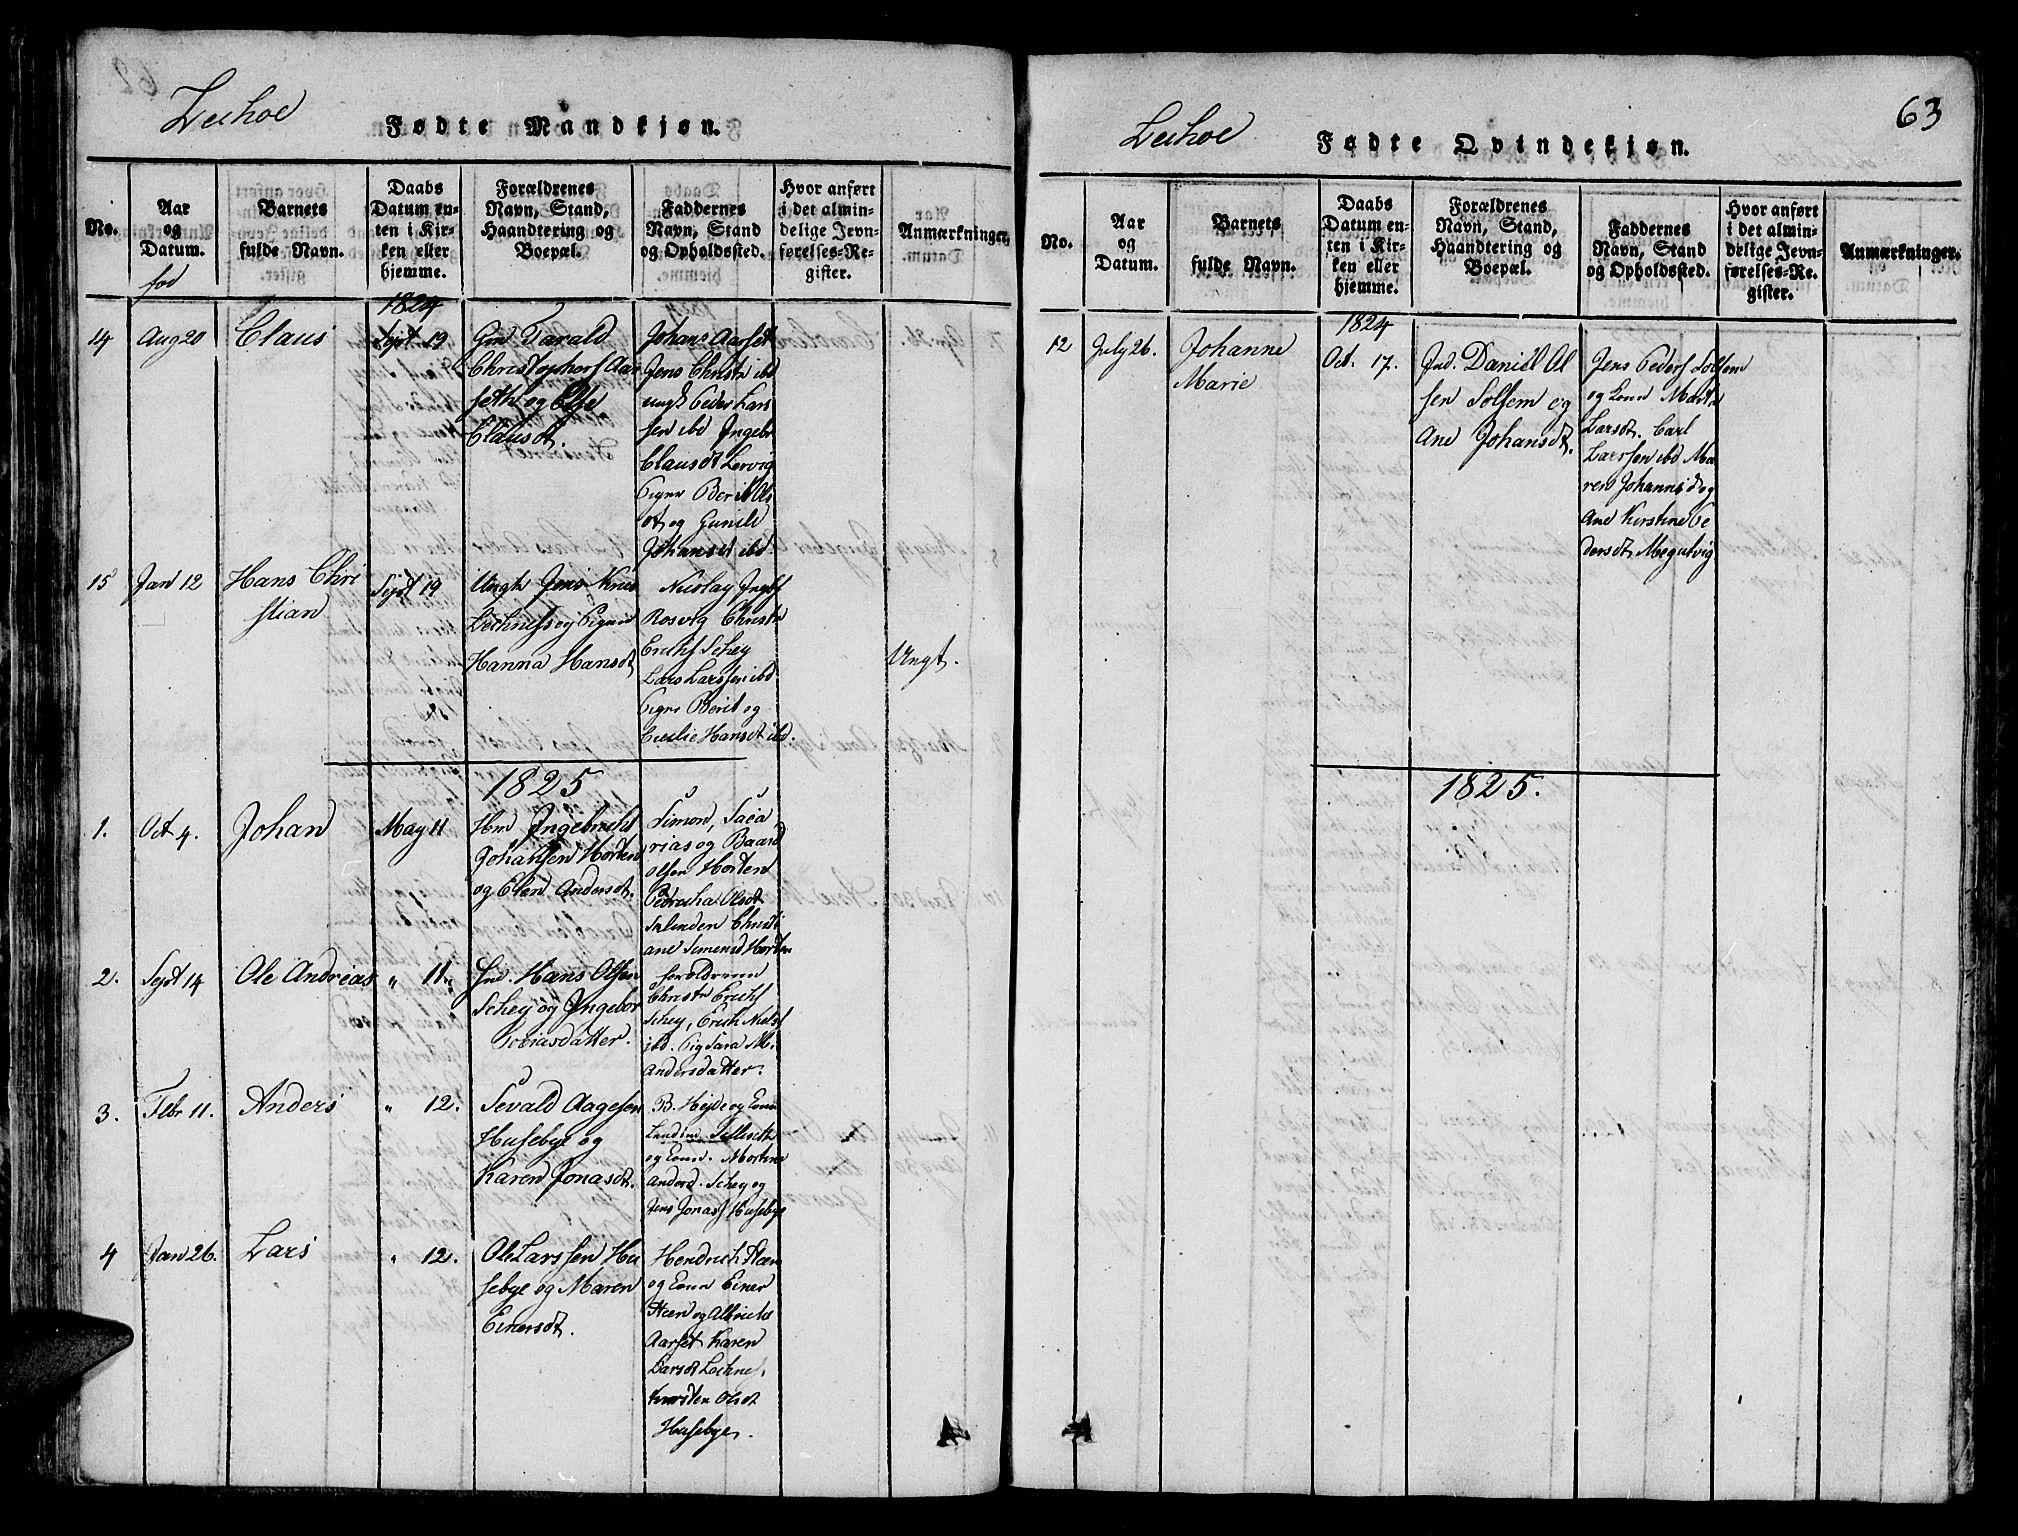 SAT, Ministerialprotokoller, klokkerbøker og fødselsregistre - Nord-Trøndelag, 780/L0648: Klokkerbok nr. 780C01 /2, 1815-1875, s. 63